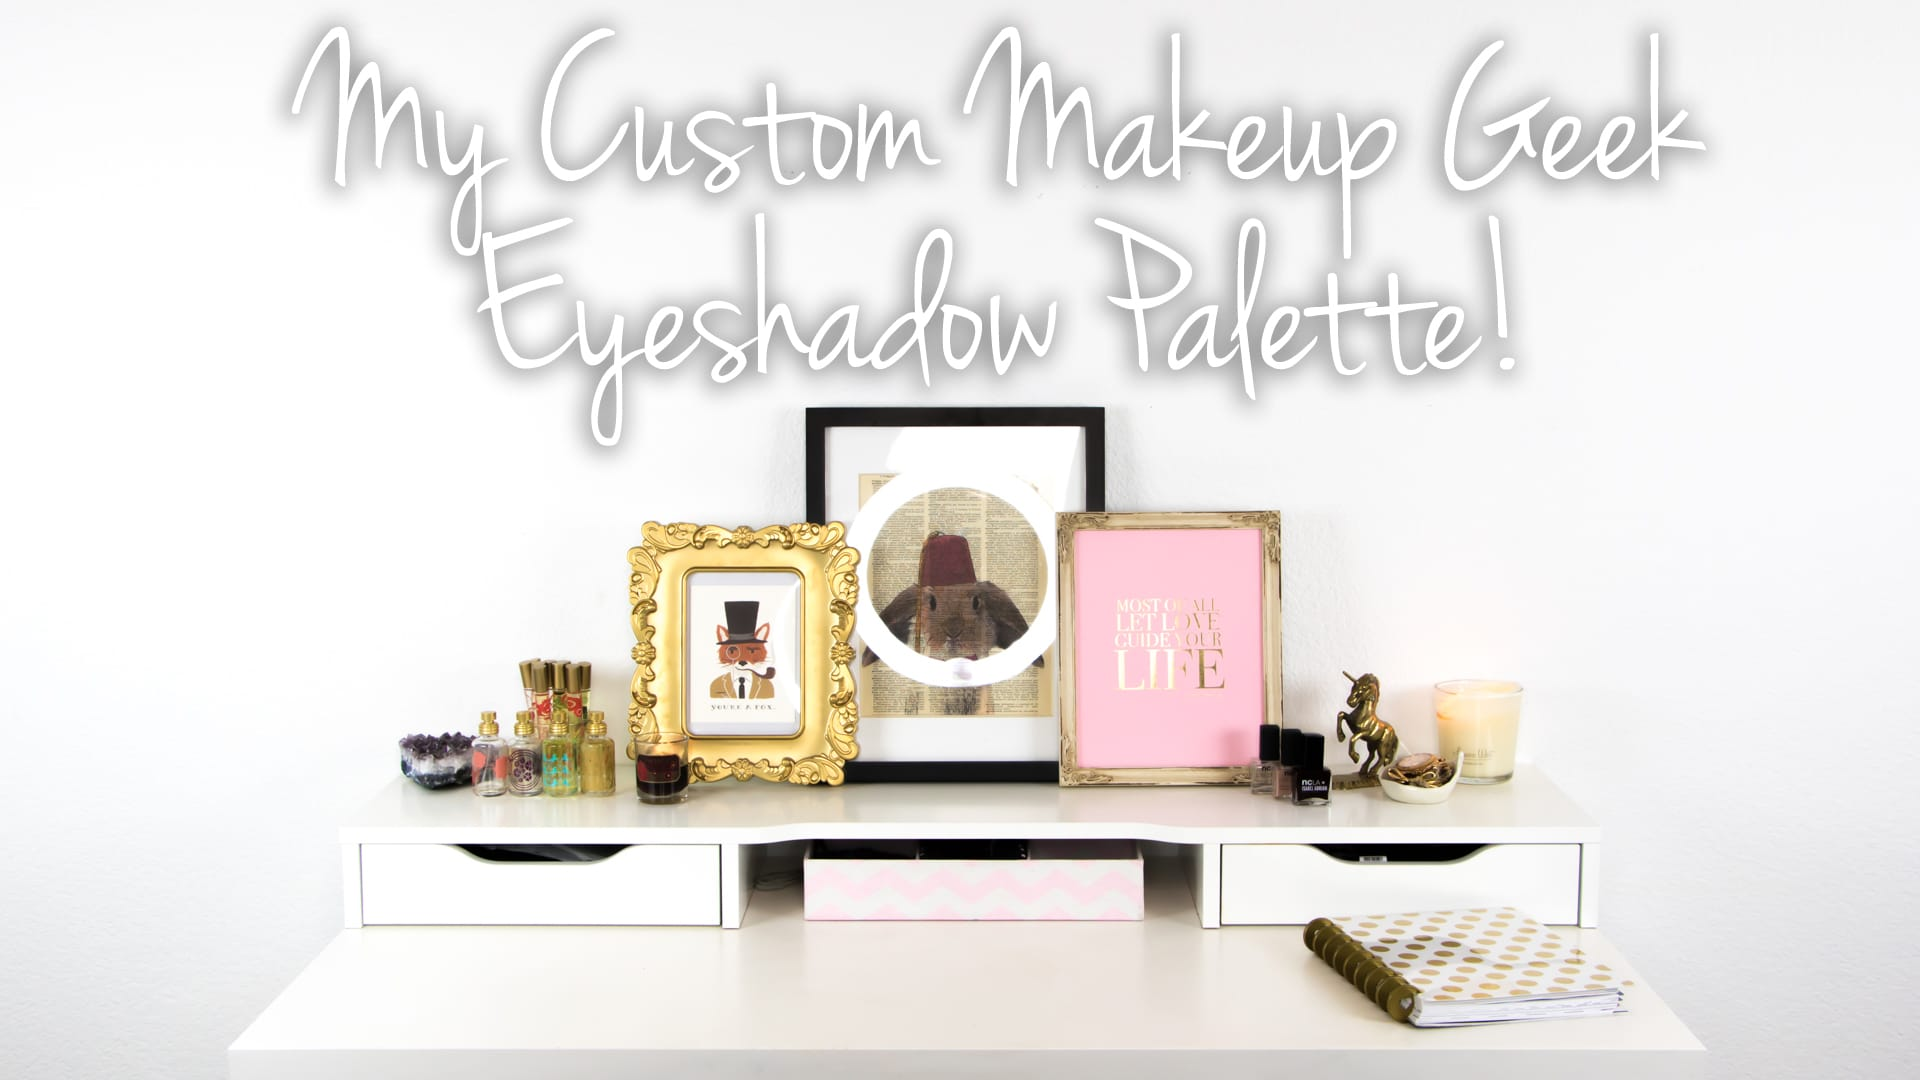 My Custom Makeup Geek Eyeshadow Palette Video